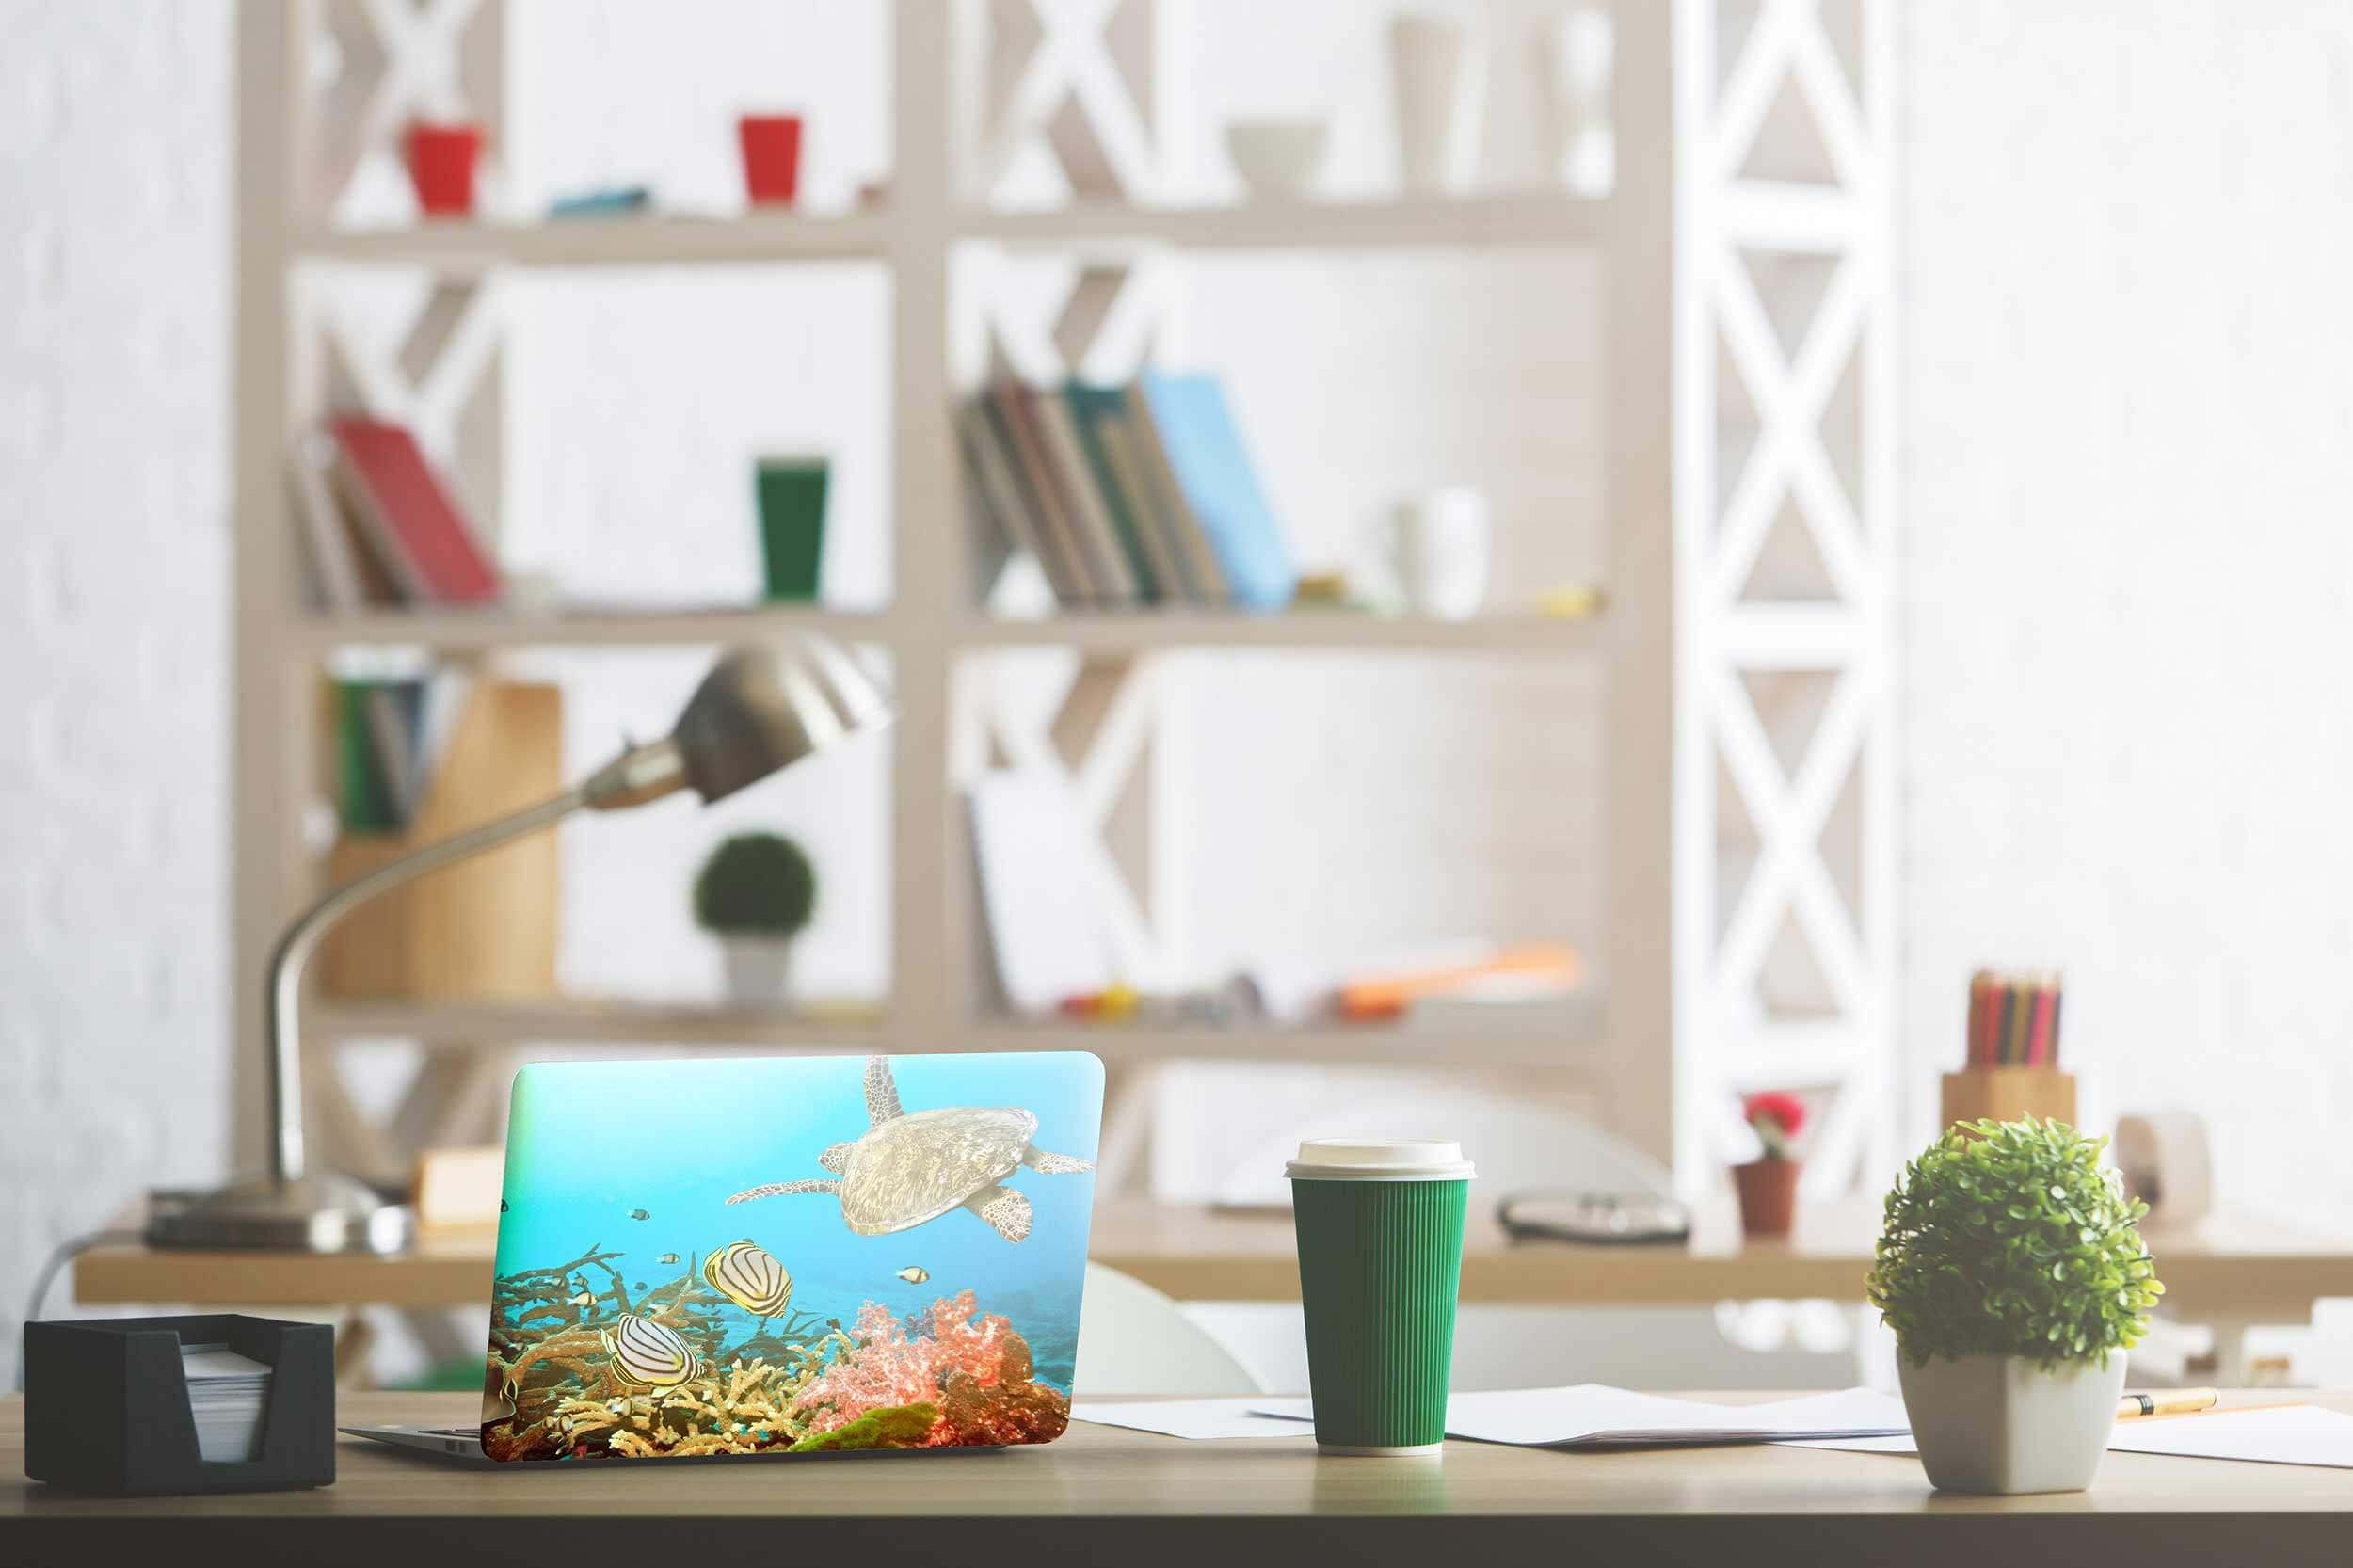 Vinilo Adhesivo para PC Portátil Animales Agua   Carteles XXL - Impresión carteleria publicitaria